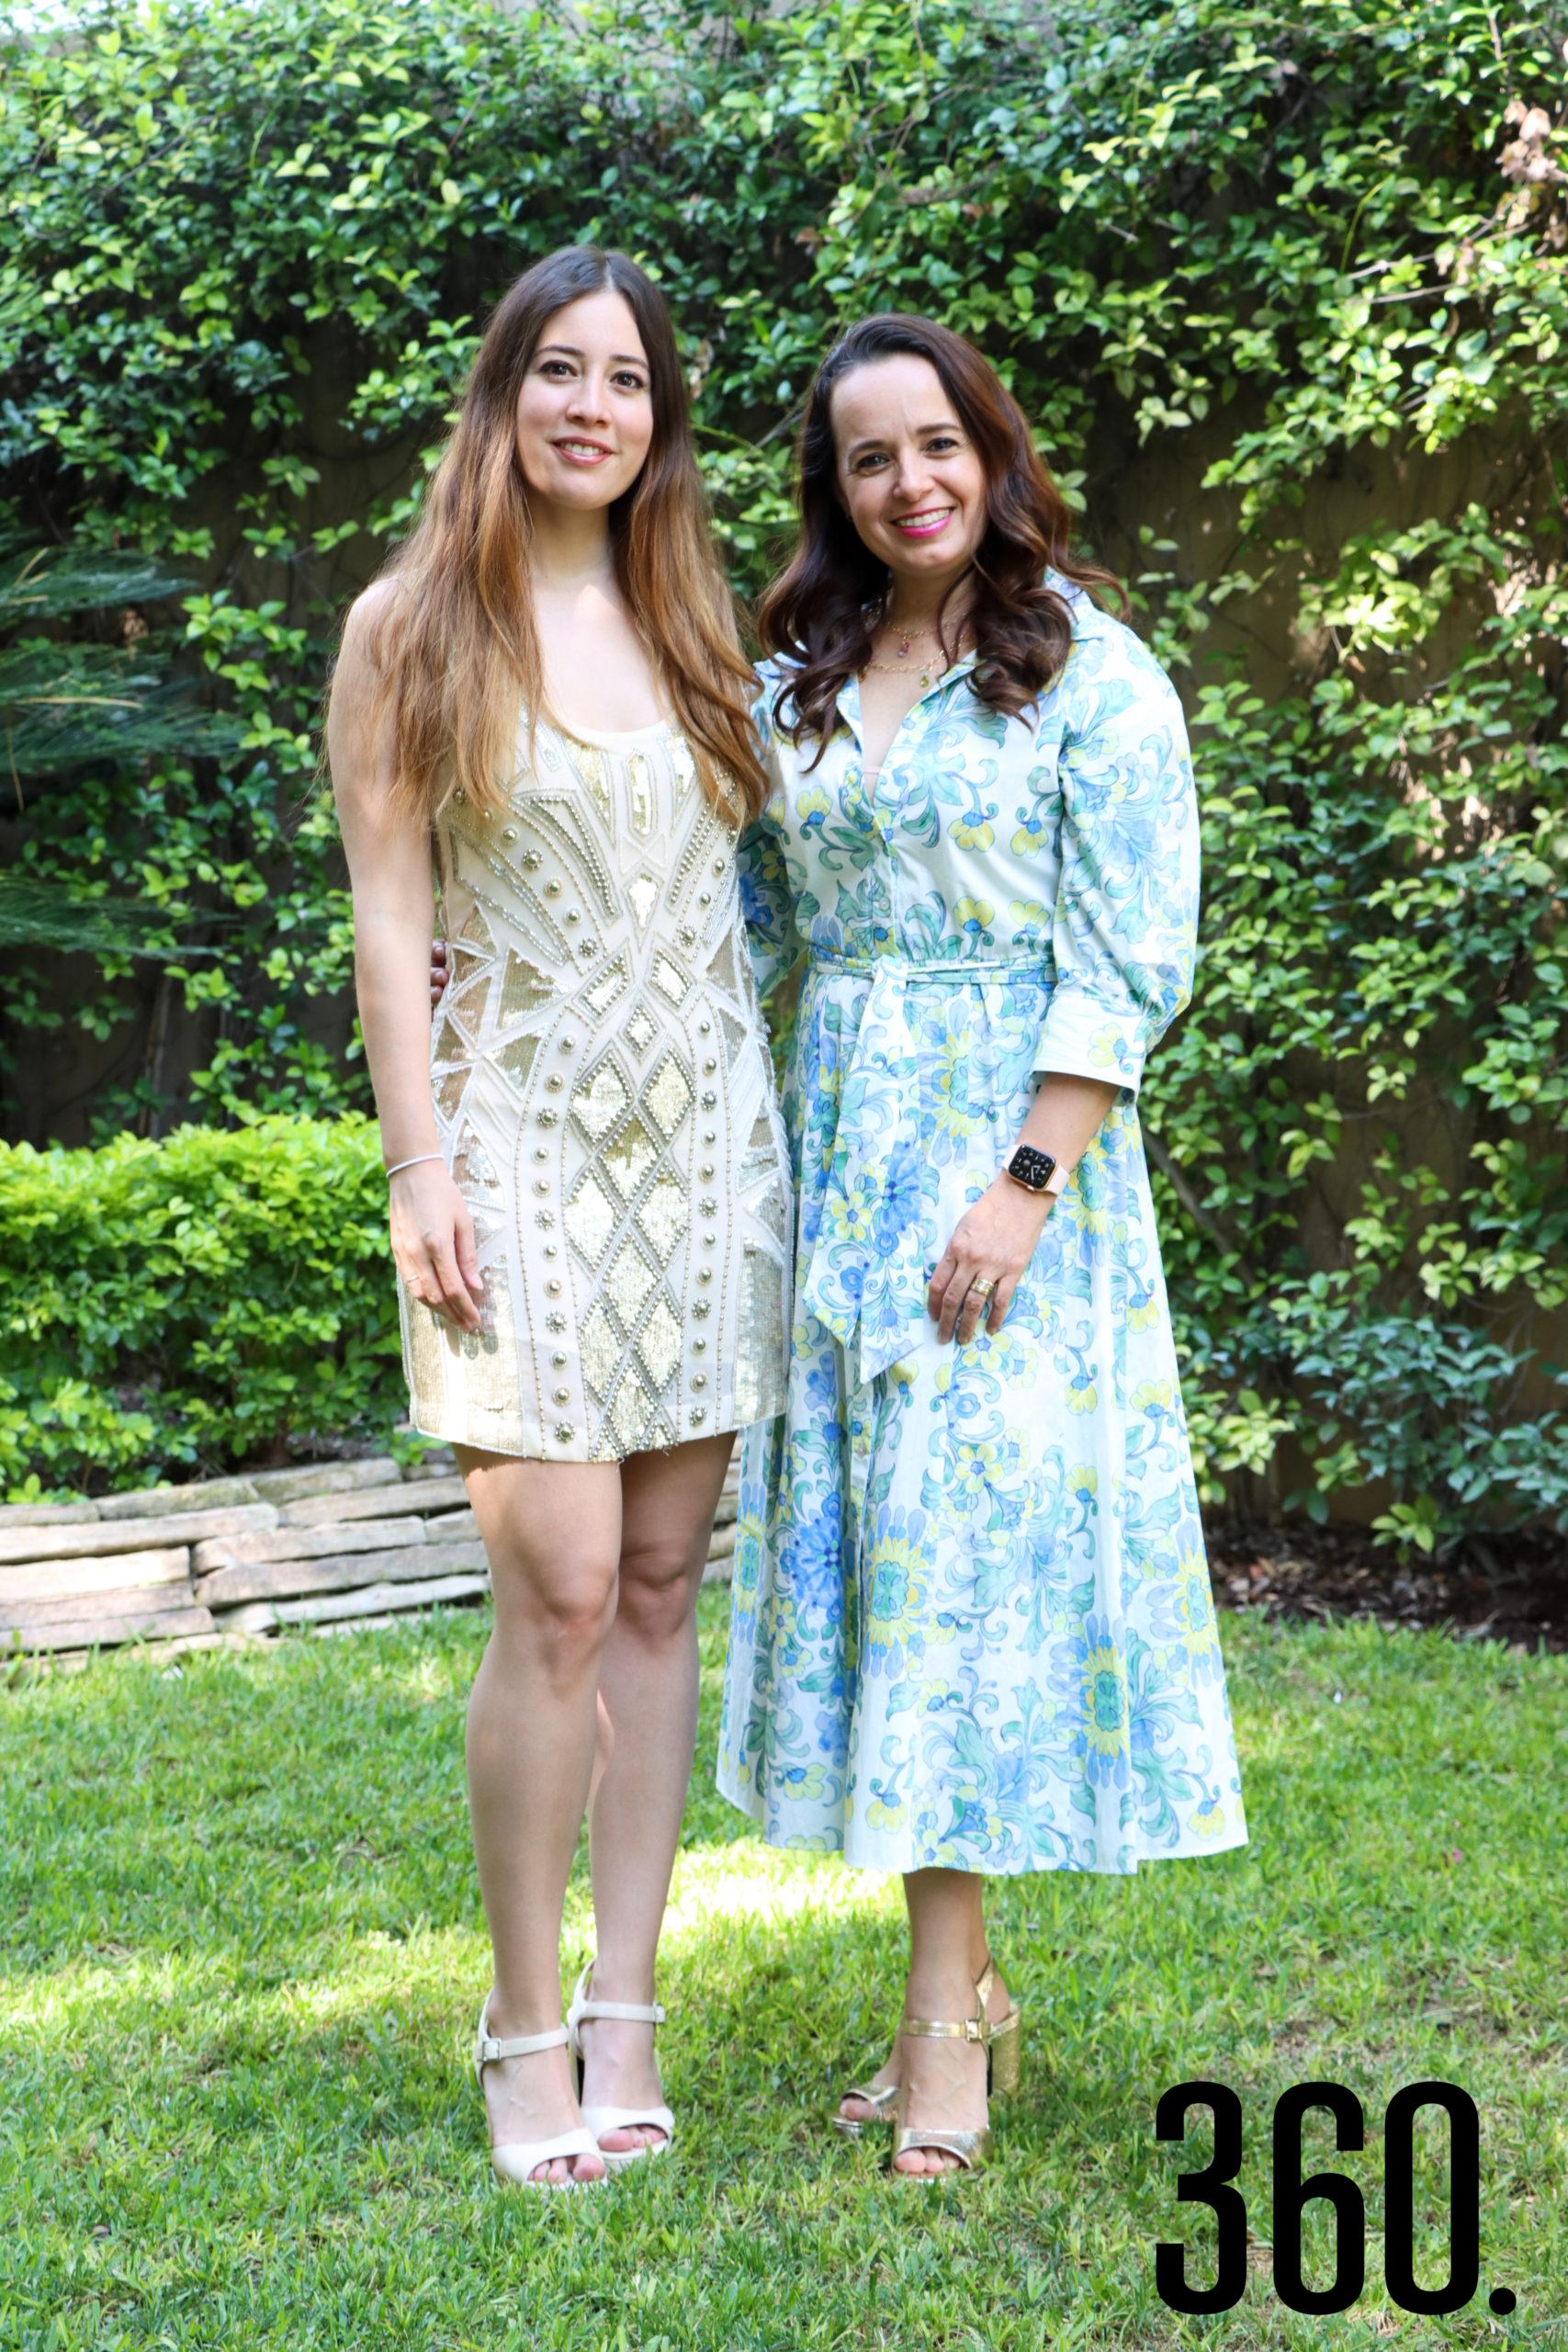 Nora con su madre, Nora Martínez.